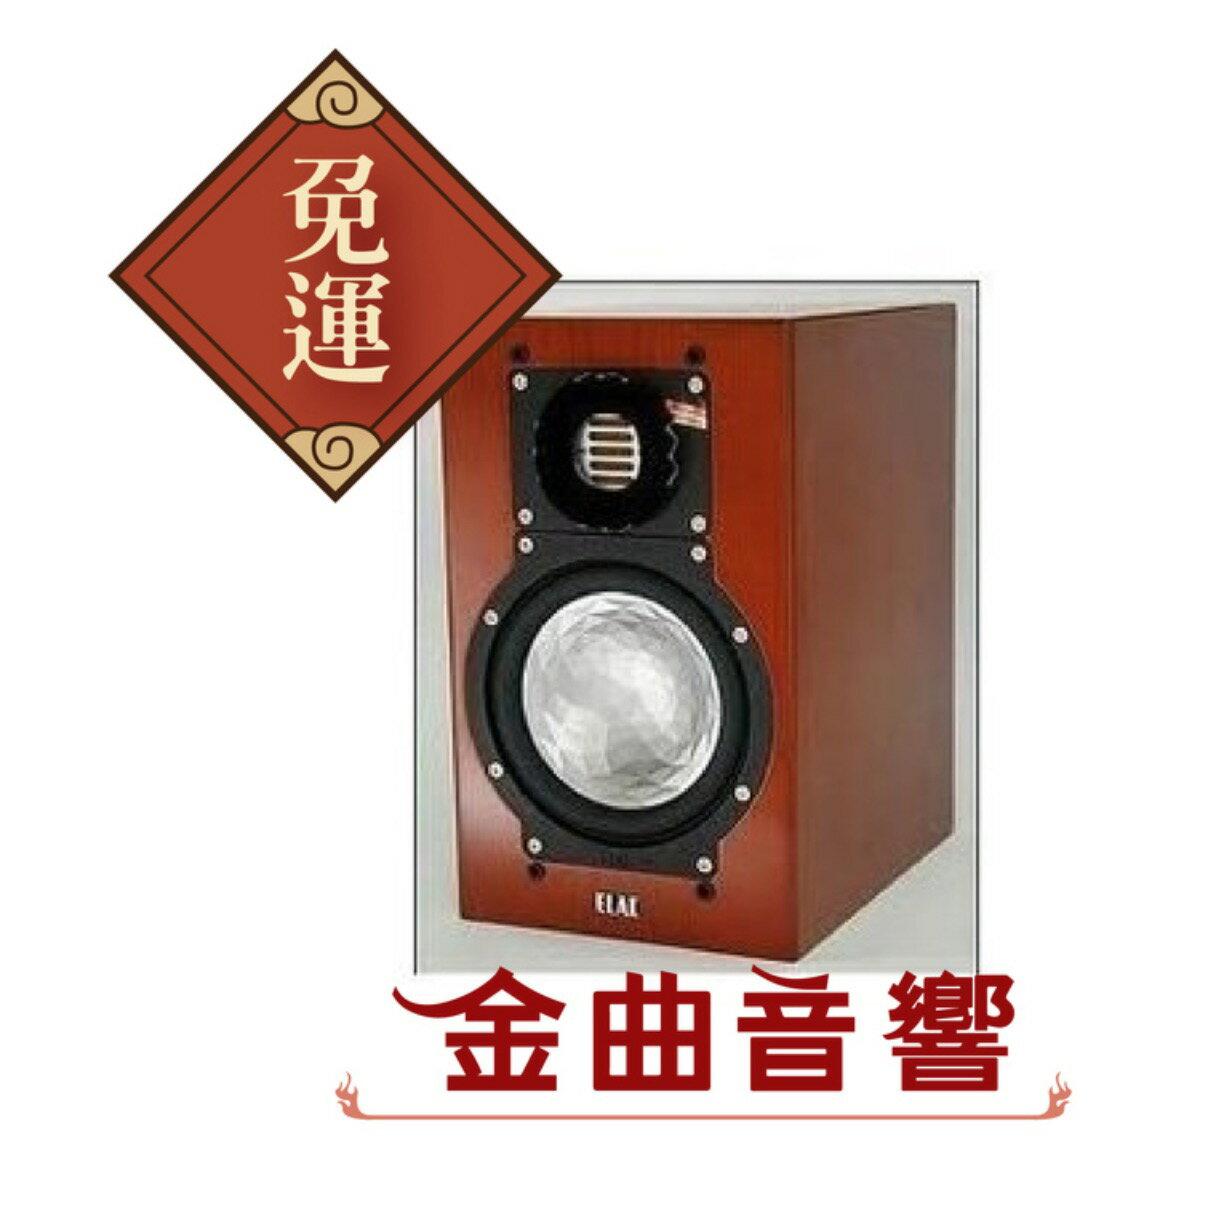 【金曲音響】ELAC BS244書架型喇叭(對)